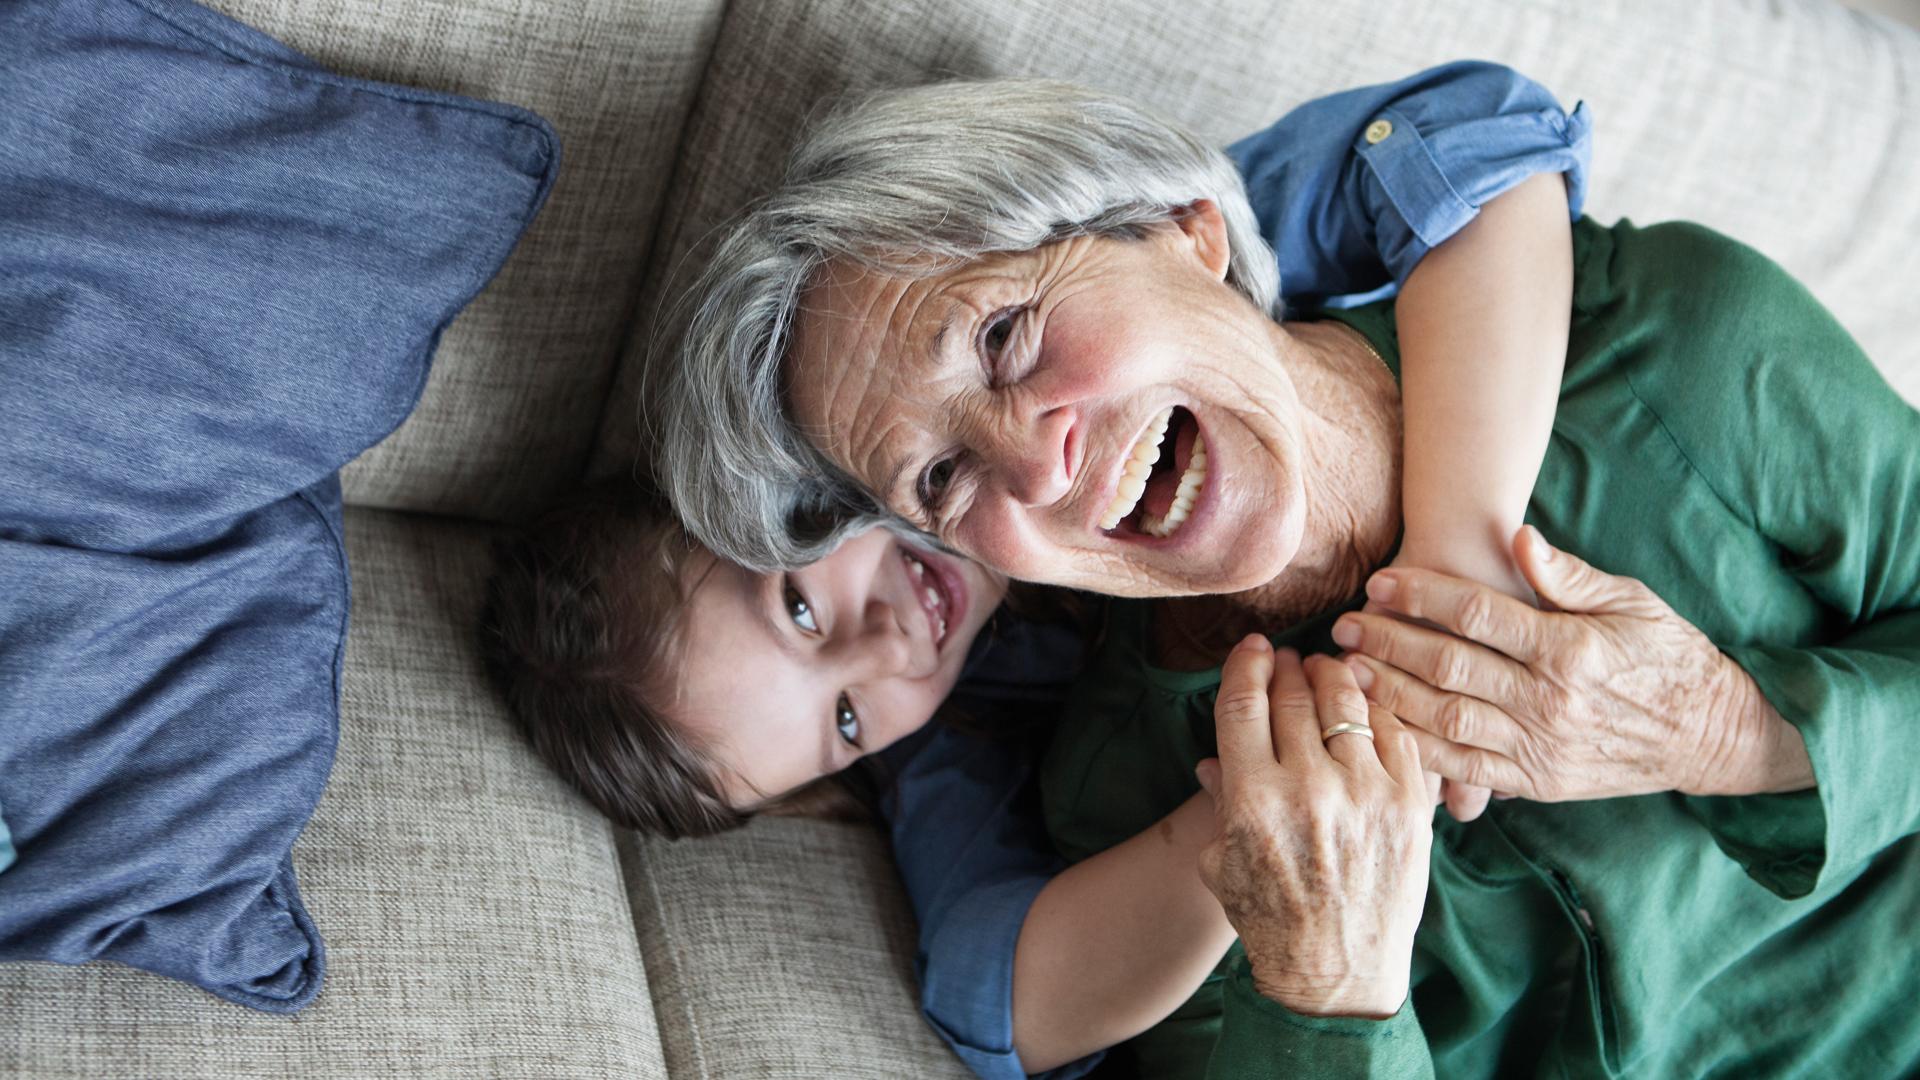 Eine ältere Frau und ein Mädchen - vielleicht ihre Enkelin - umarmen sich auf einem Sofa liegend. Beide haben Spaß und lachen.